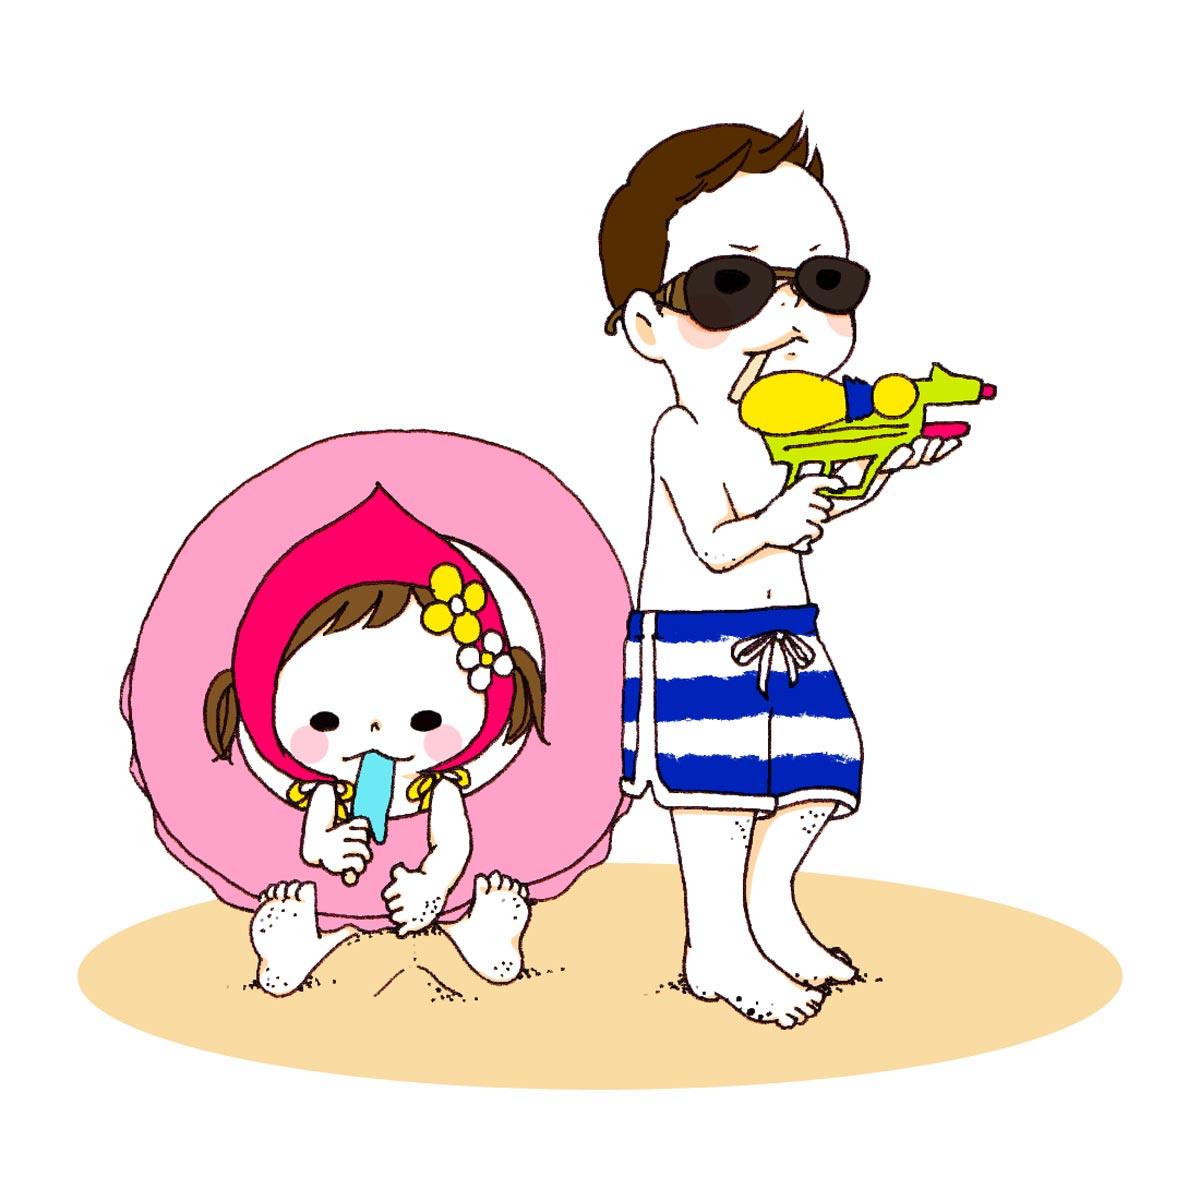 砂浜で遊ぶ男の子と女の子